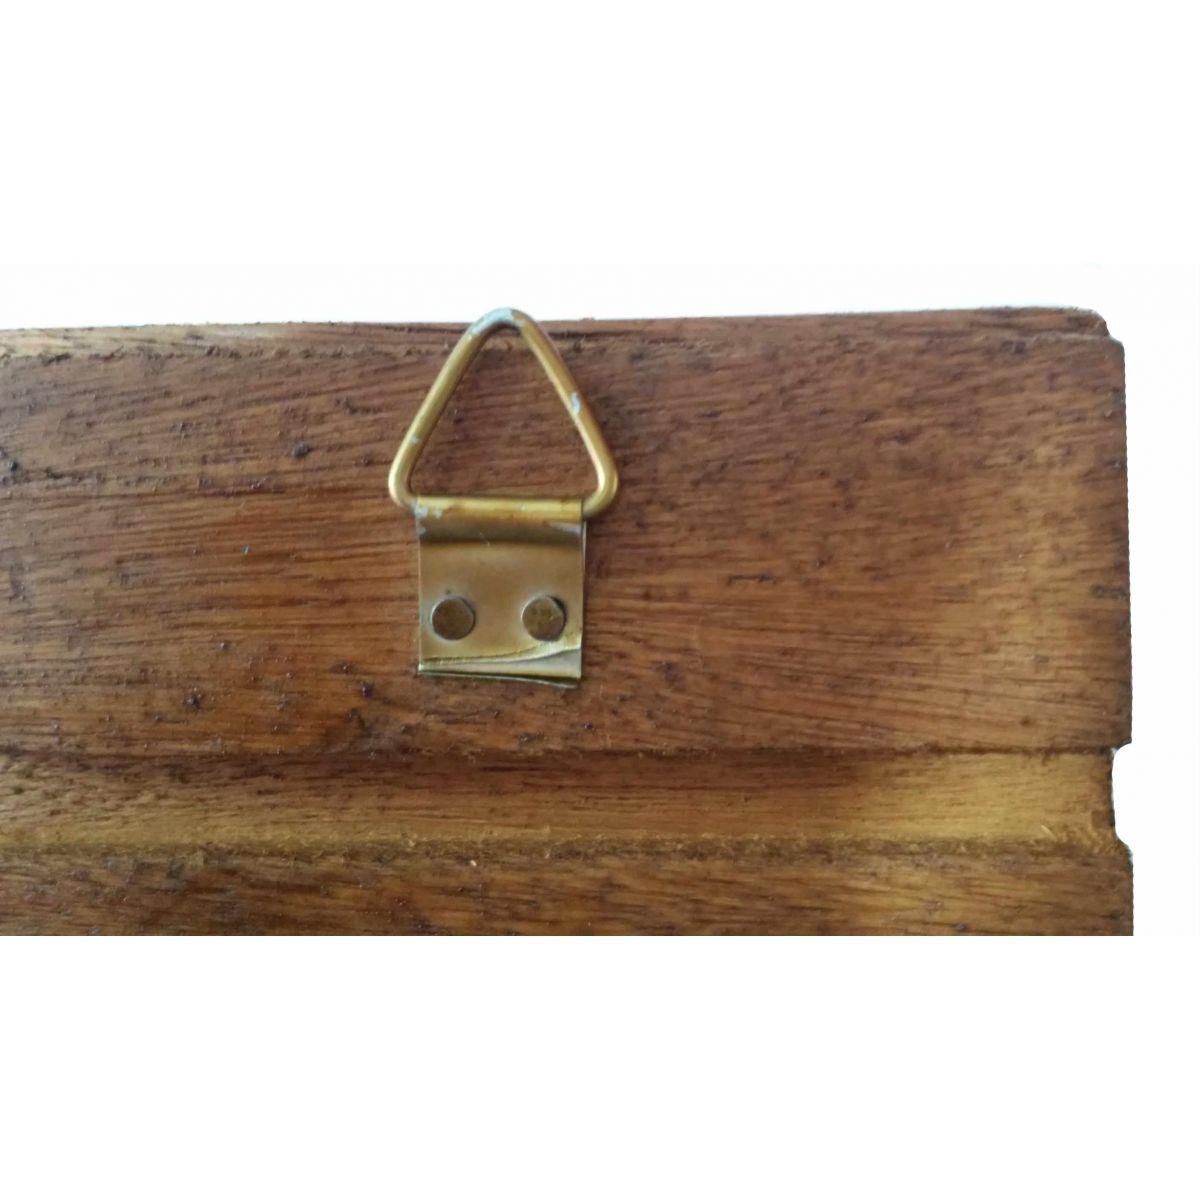 Cabide de Parede para Pano de Prato Artesanal de Ferro Rustico para Cozinha